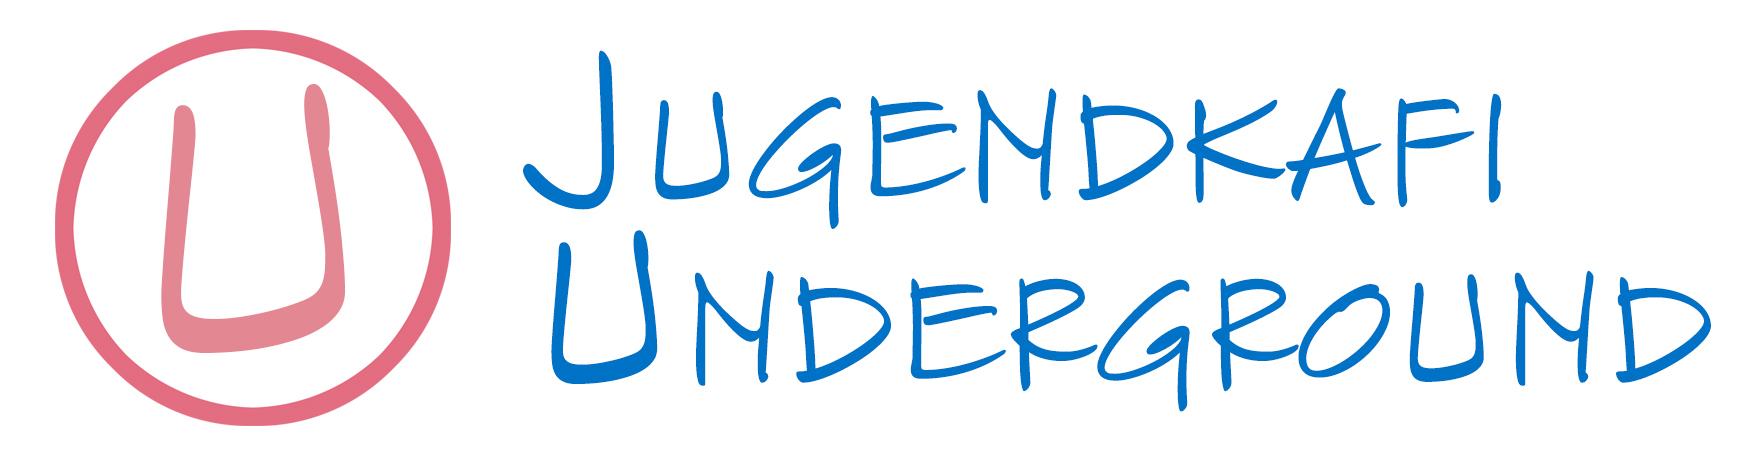 Jugendkafi Underground